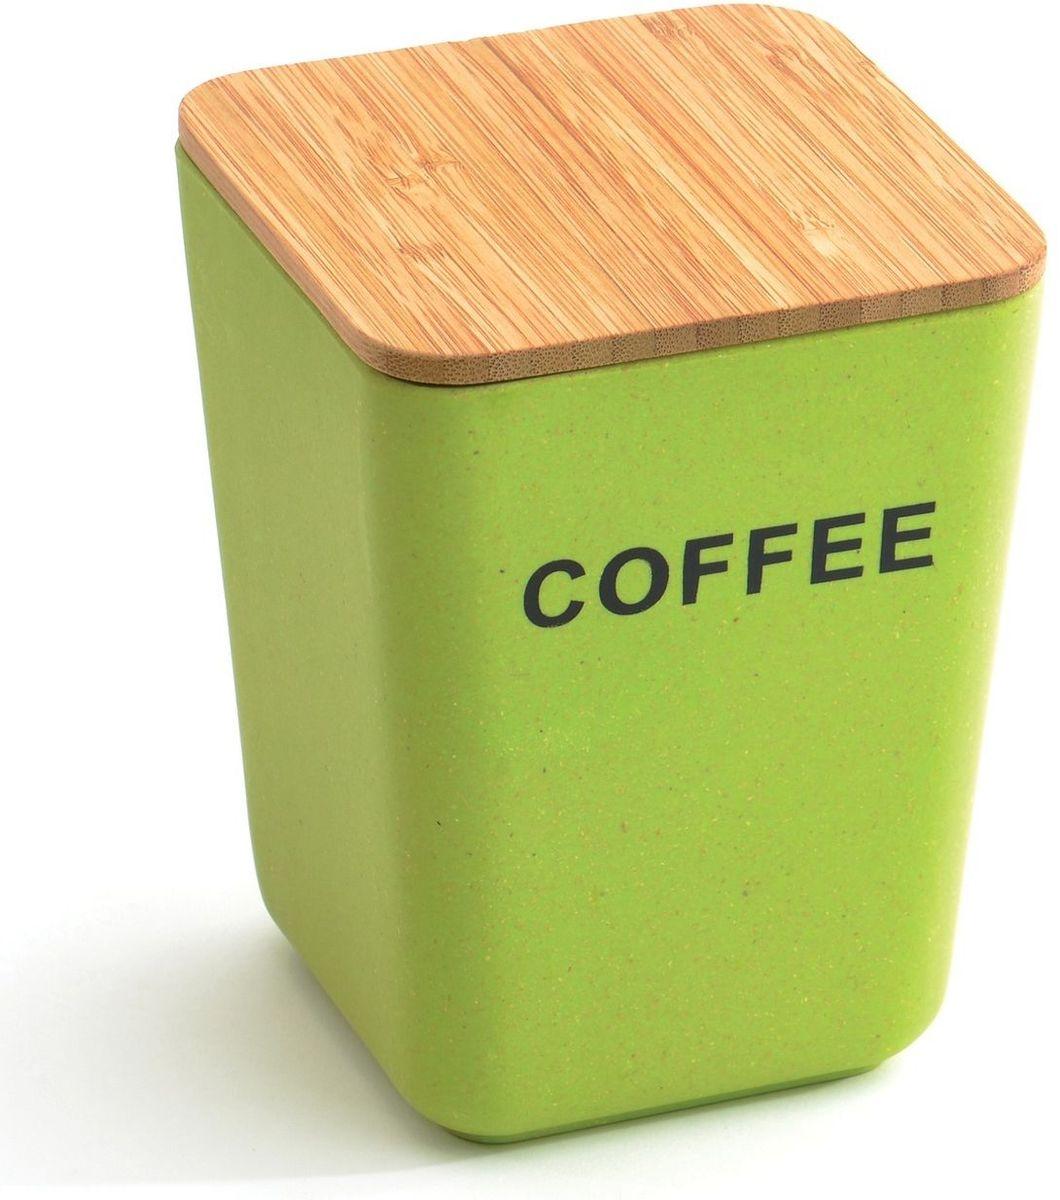 Банка для хранения кофе BergHOFF Cook&Co, с крышкой, 1,2 лL2430924Банка с крышкой BBergHOFF Cook&Co – это стильная банка, которая идеально подойдет для хранения кофе. Банка имеет прямоугольную форму и изготовлена из бамбукового волокна и безопасного меламина. Она прочная, стильная и яркая, благодаря чему впишется в любой интерьер. Крышка выполнена из бамбука. Банку можно мыть в посудомоечной машине.Благодаря экологическому материалу банка от компании BergHOFF идеально подойдет для хранения любых сыпучих продуктов.